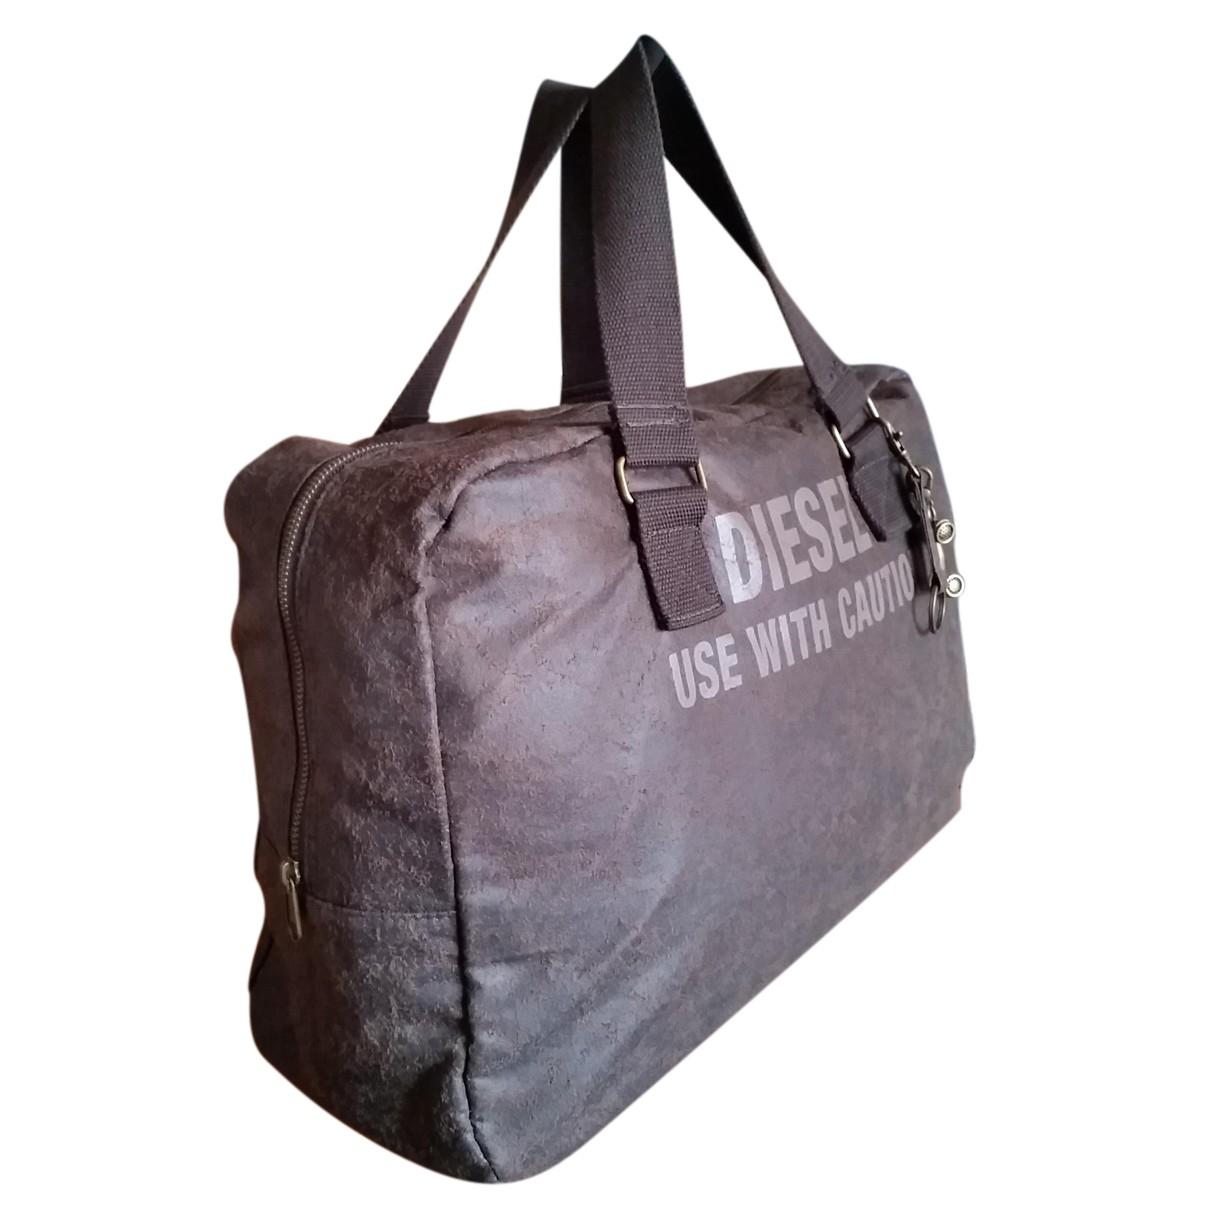 Diesel N Brown handbag for Women N